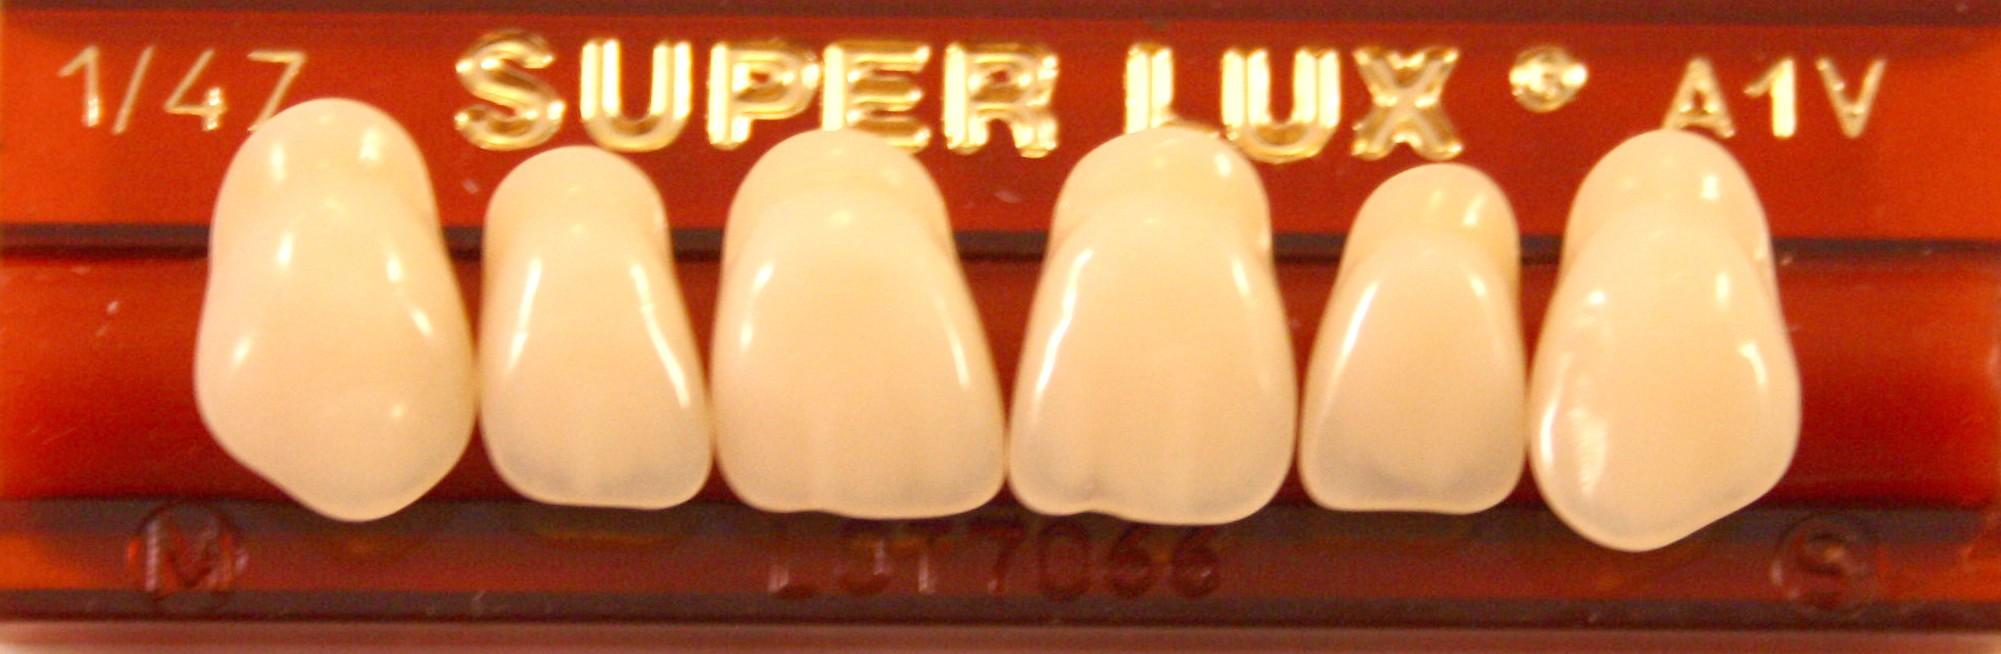 Tanden onder Major Superlux